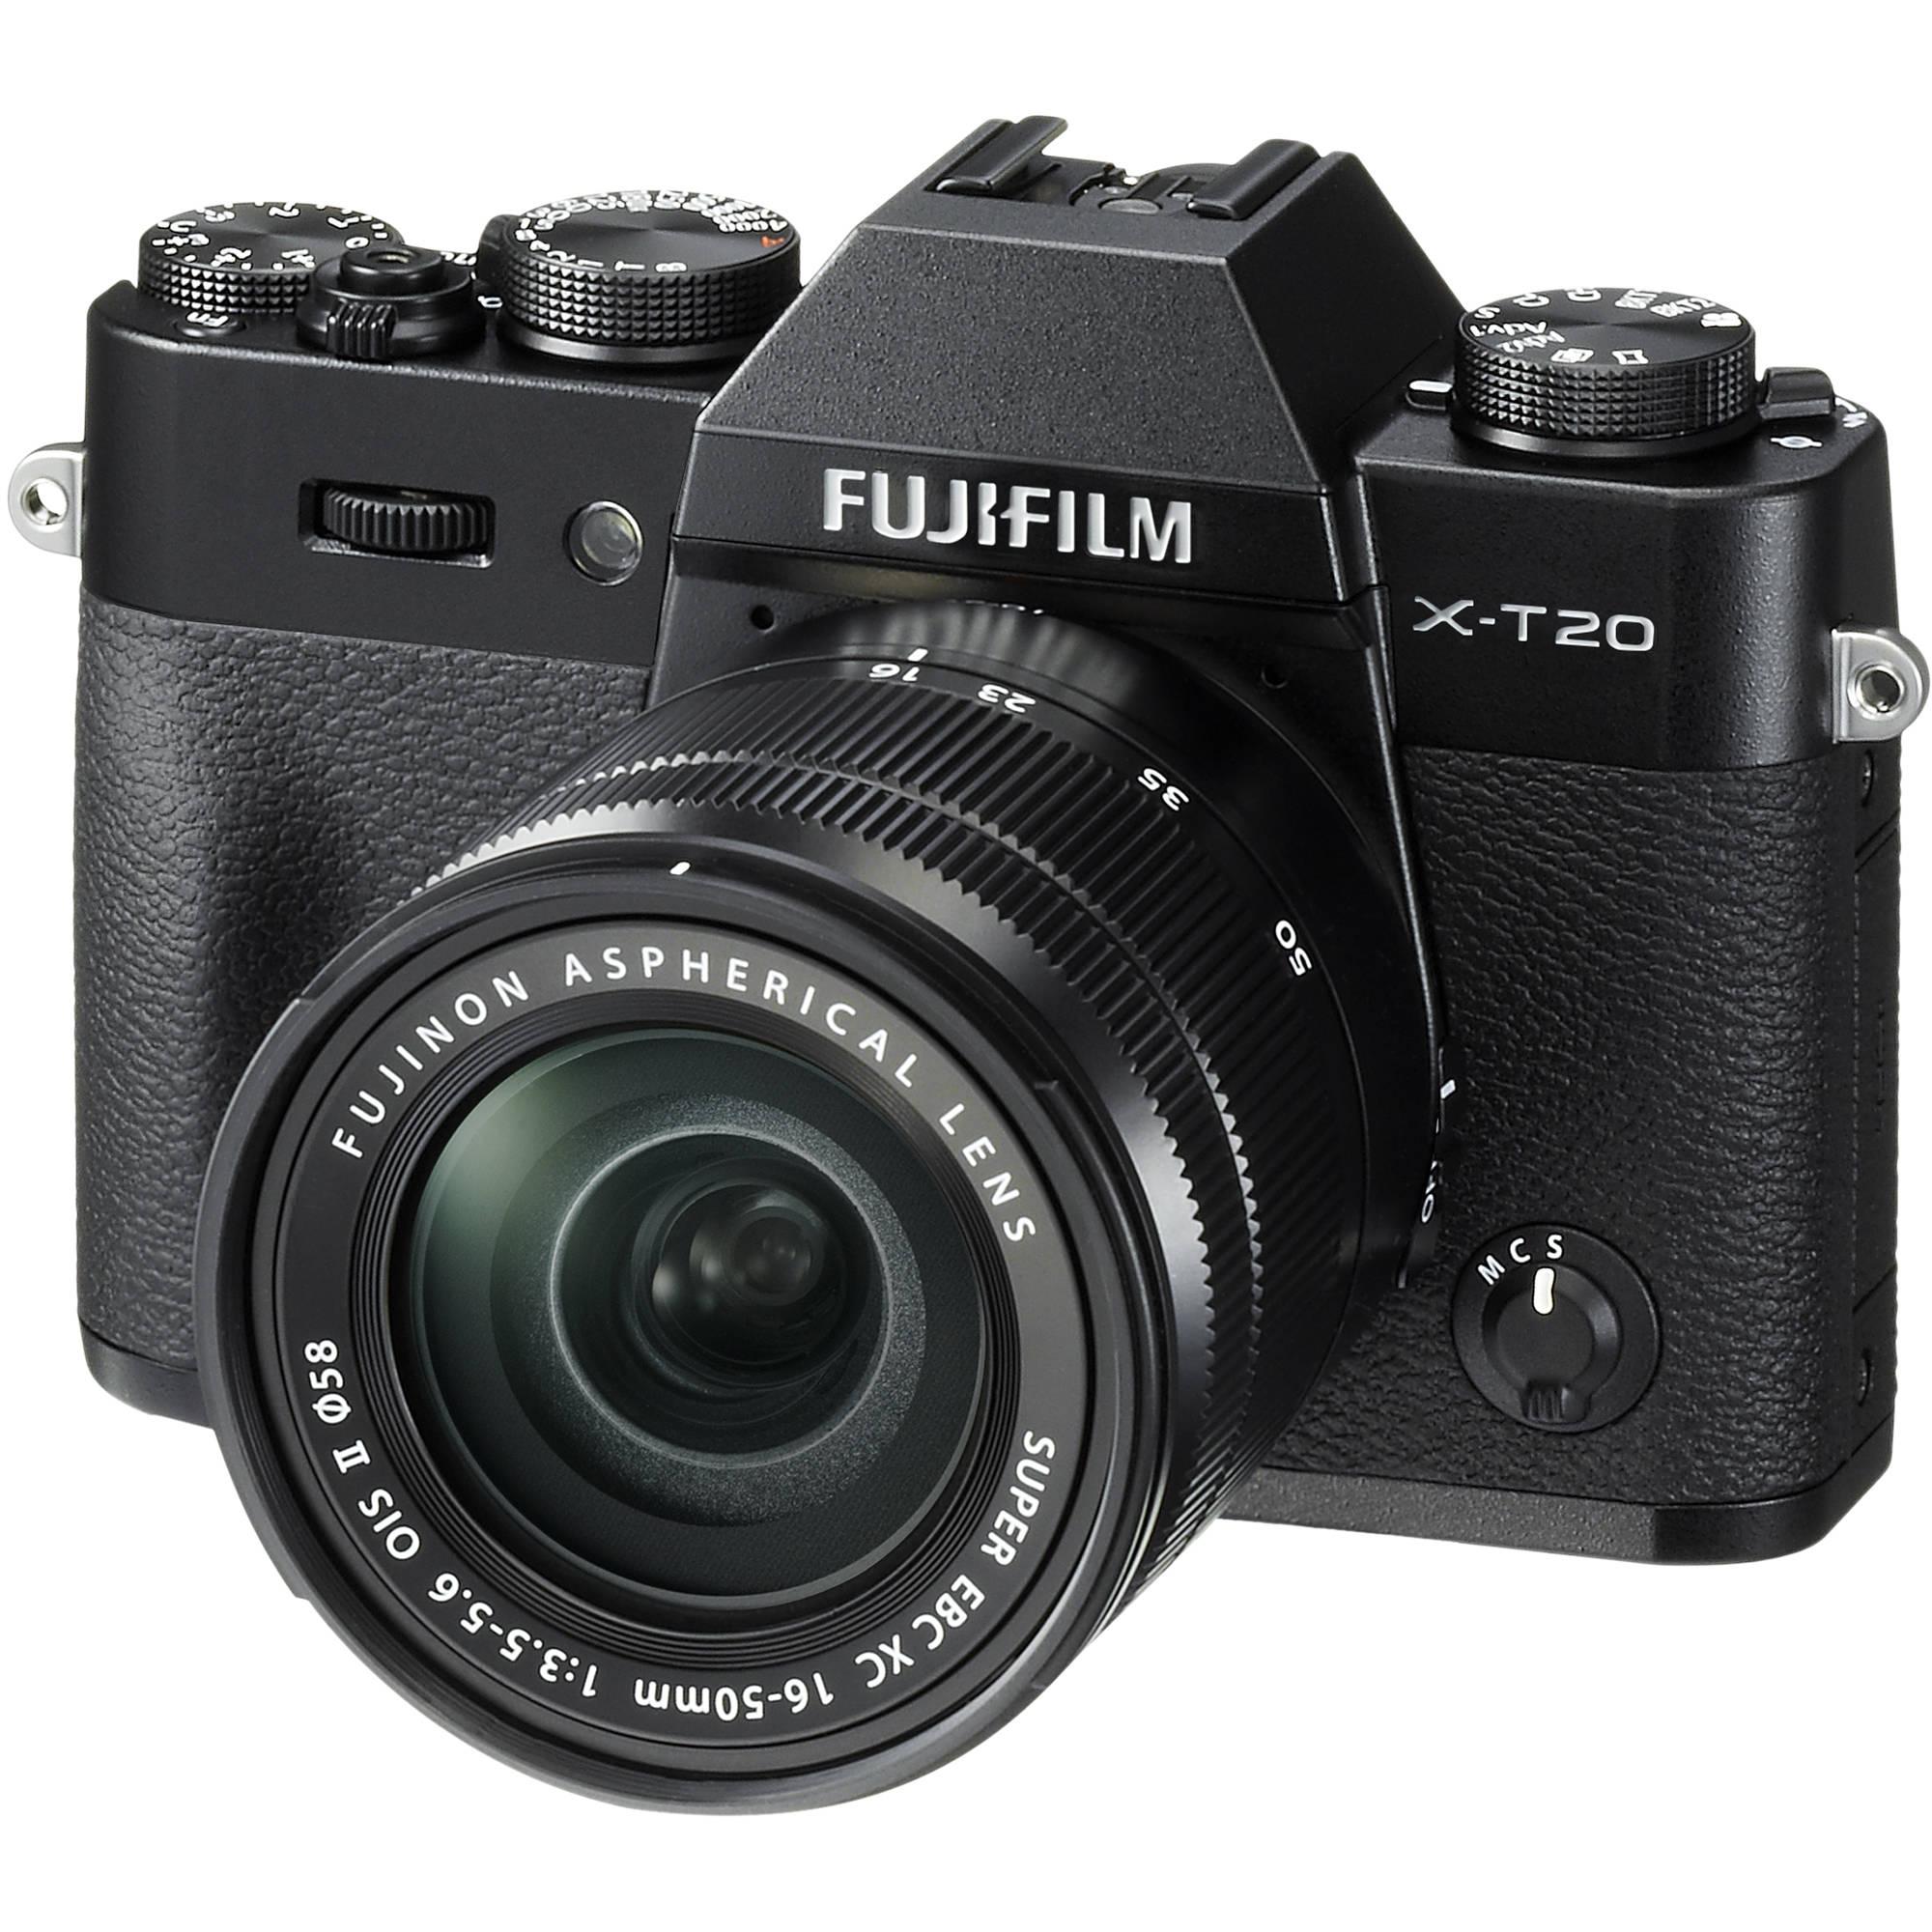 Fuji Camera: FUJIFILM X-T20 Mirrorless Digital Camera With 16-50mm 16543016